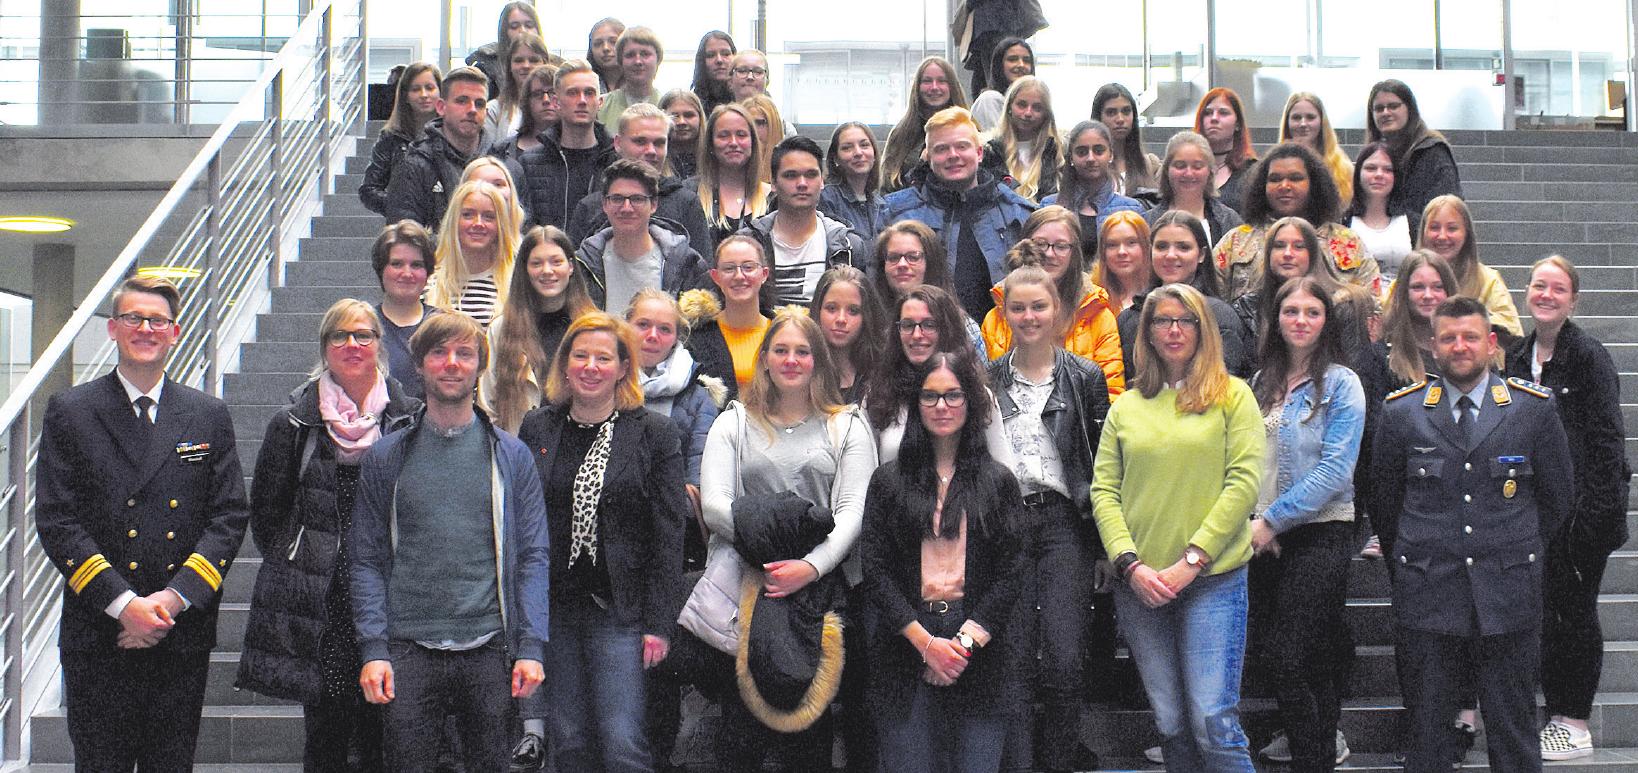 Die Schülerinnen und Schüler in Berlin. Foto: Susanne Völkers